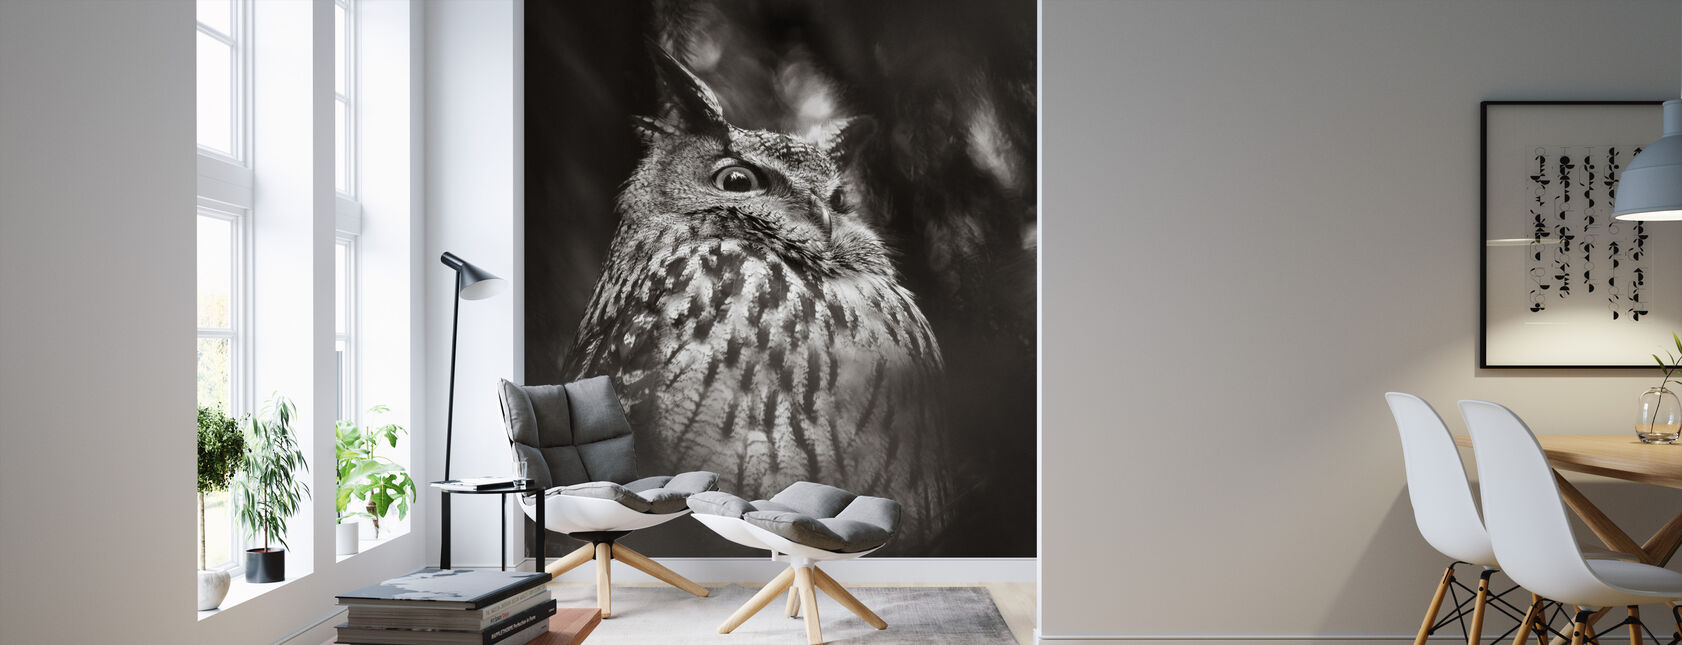 Misty Owl - Wallpaper - Living Room